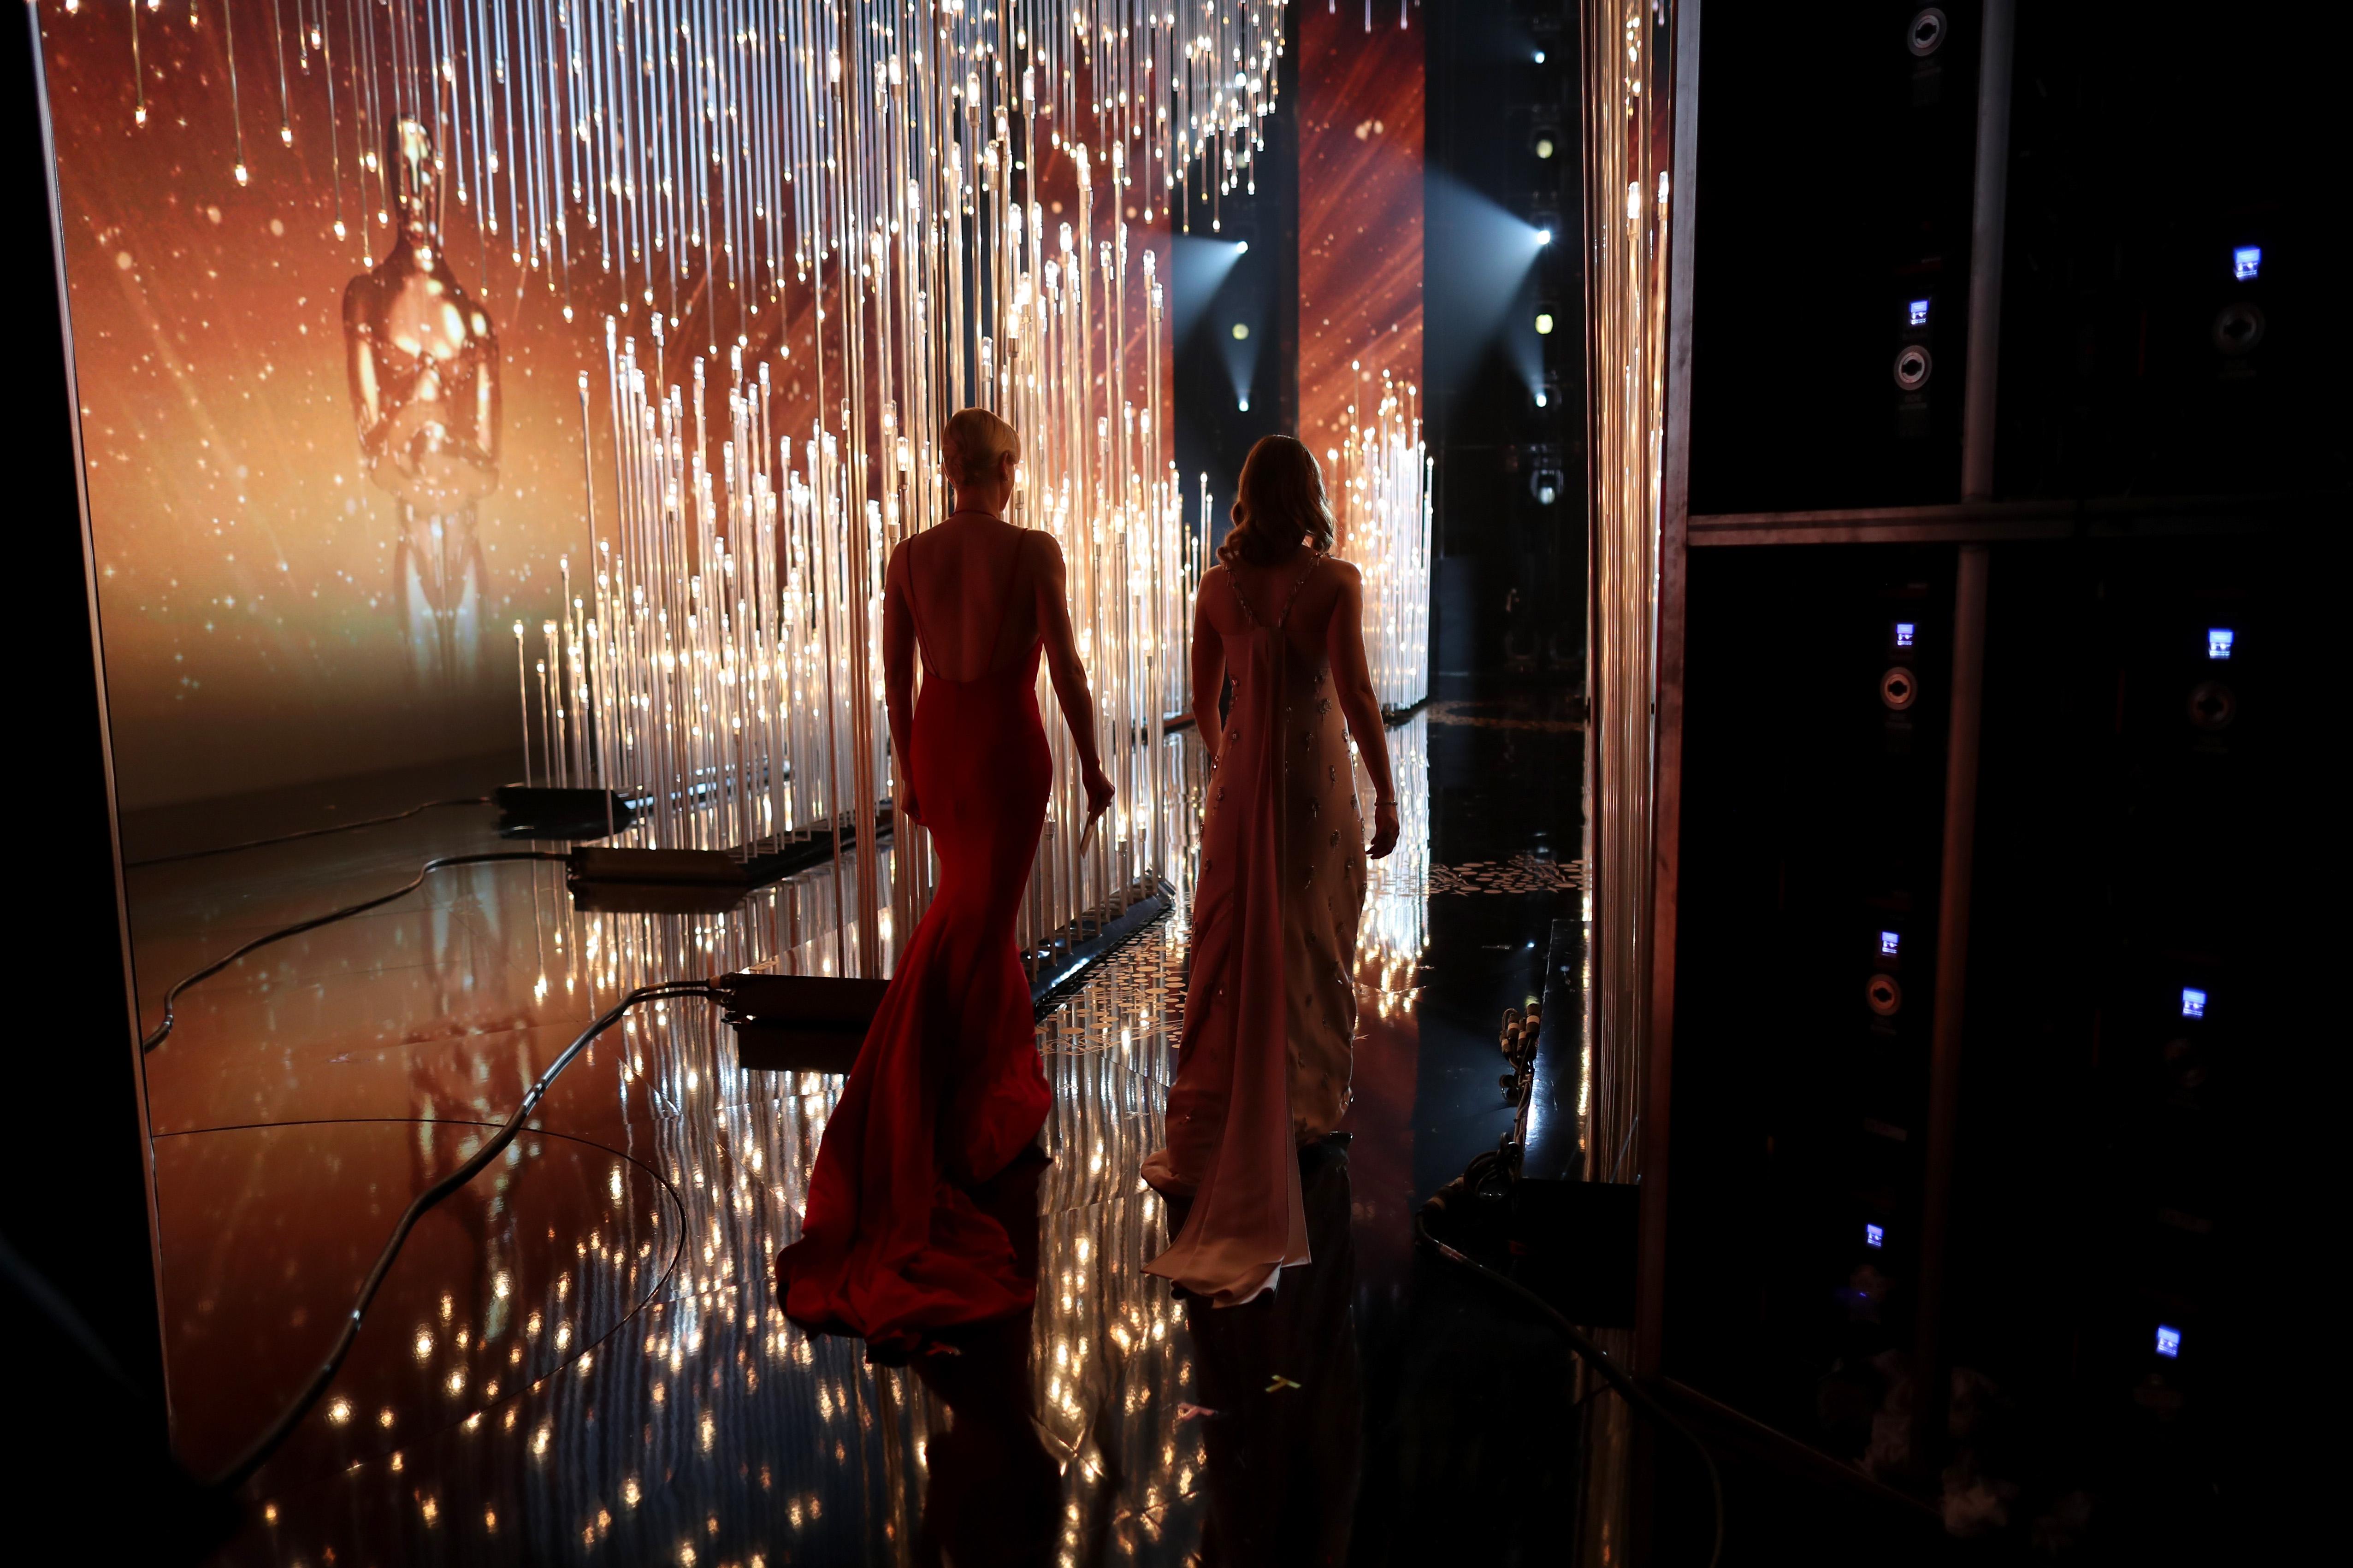 """Тази година за 88-и пореден път се проведе бляскавата церемония по връчването на тазгодишните престижни награди """"Оскар"""". Вижте какво се случи в """"Долби тиътър"""""""